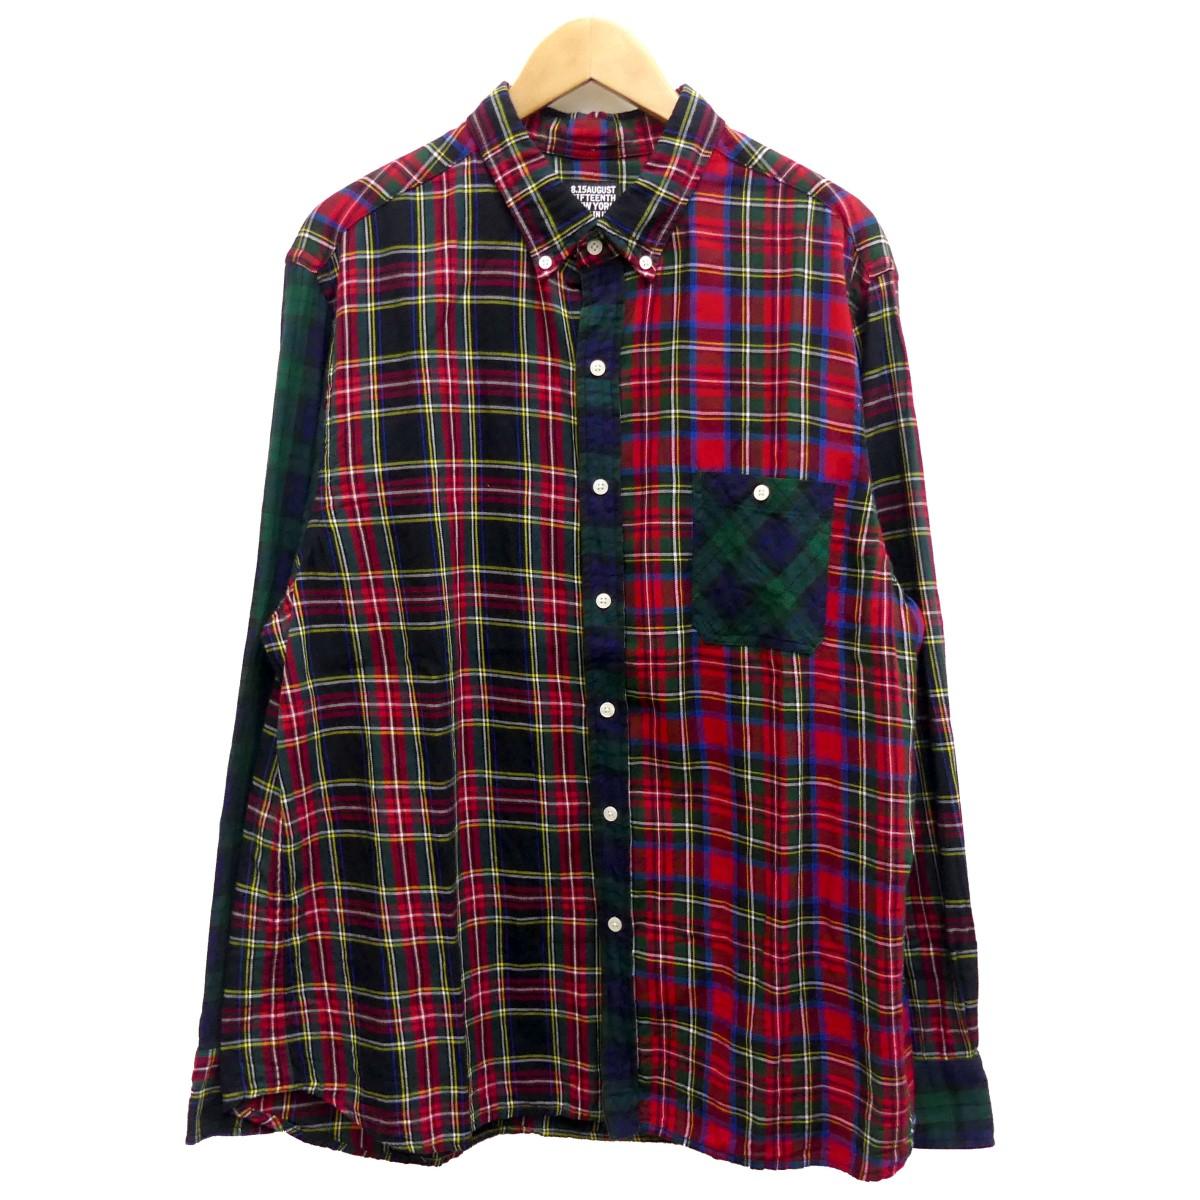 【中古】8.15 AUGUST FIFTEENTH DARTMOUTH B.D SHIRT チェック柄ボタンダウンシャツ マルチカラー サイズ:XL 【250420】(オーガストフィフティーンス)